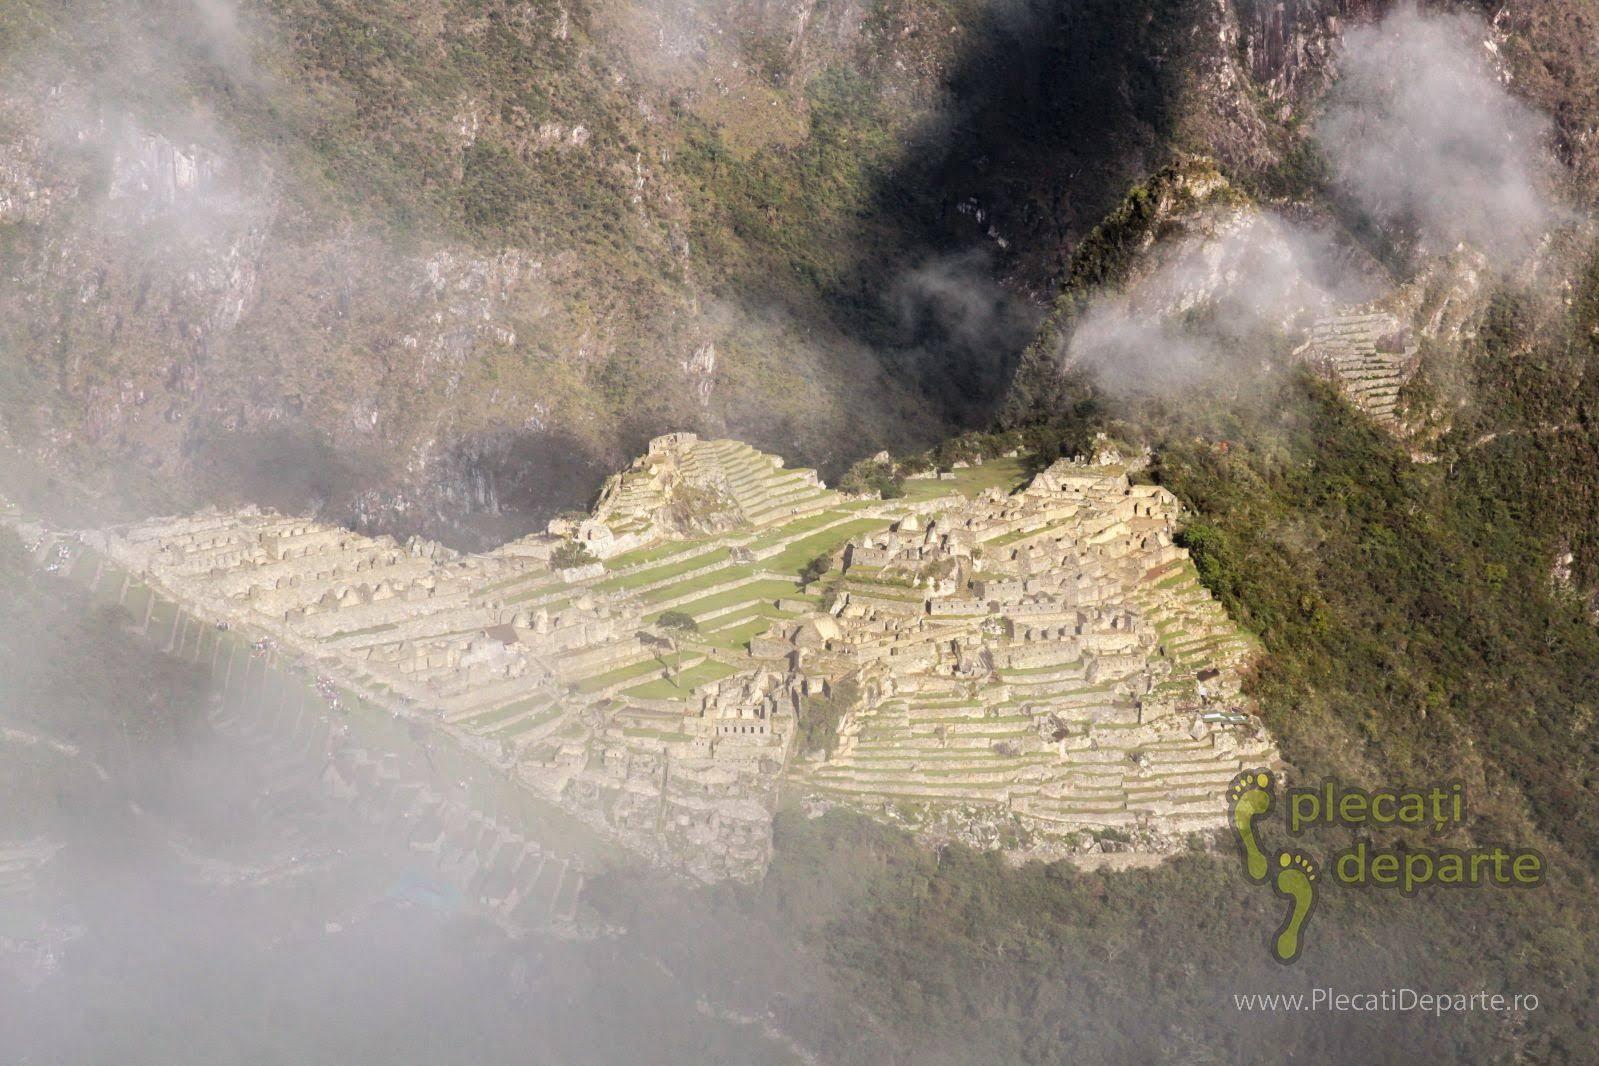 Asezarea incasa Machu Picchu, vazuta printre nori, de sus, de la Poarta Soarelui (Sun Gate), de pe Inca Trail, in Peru